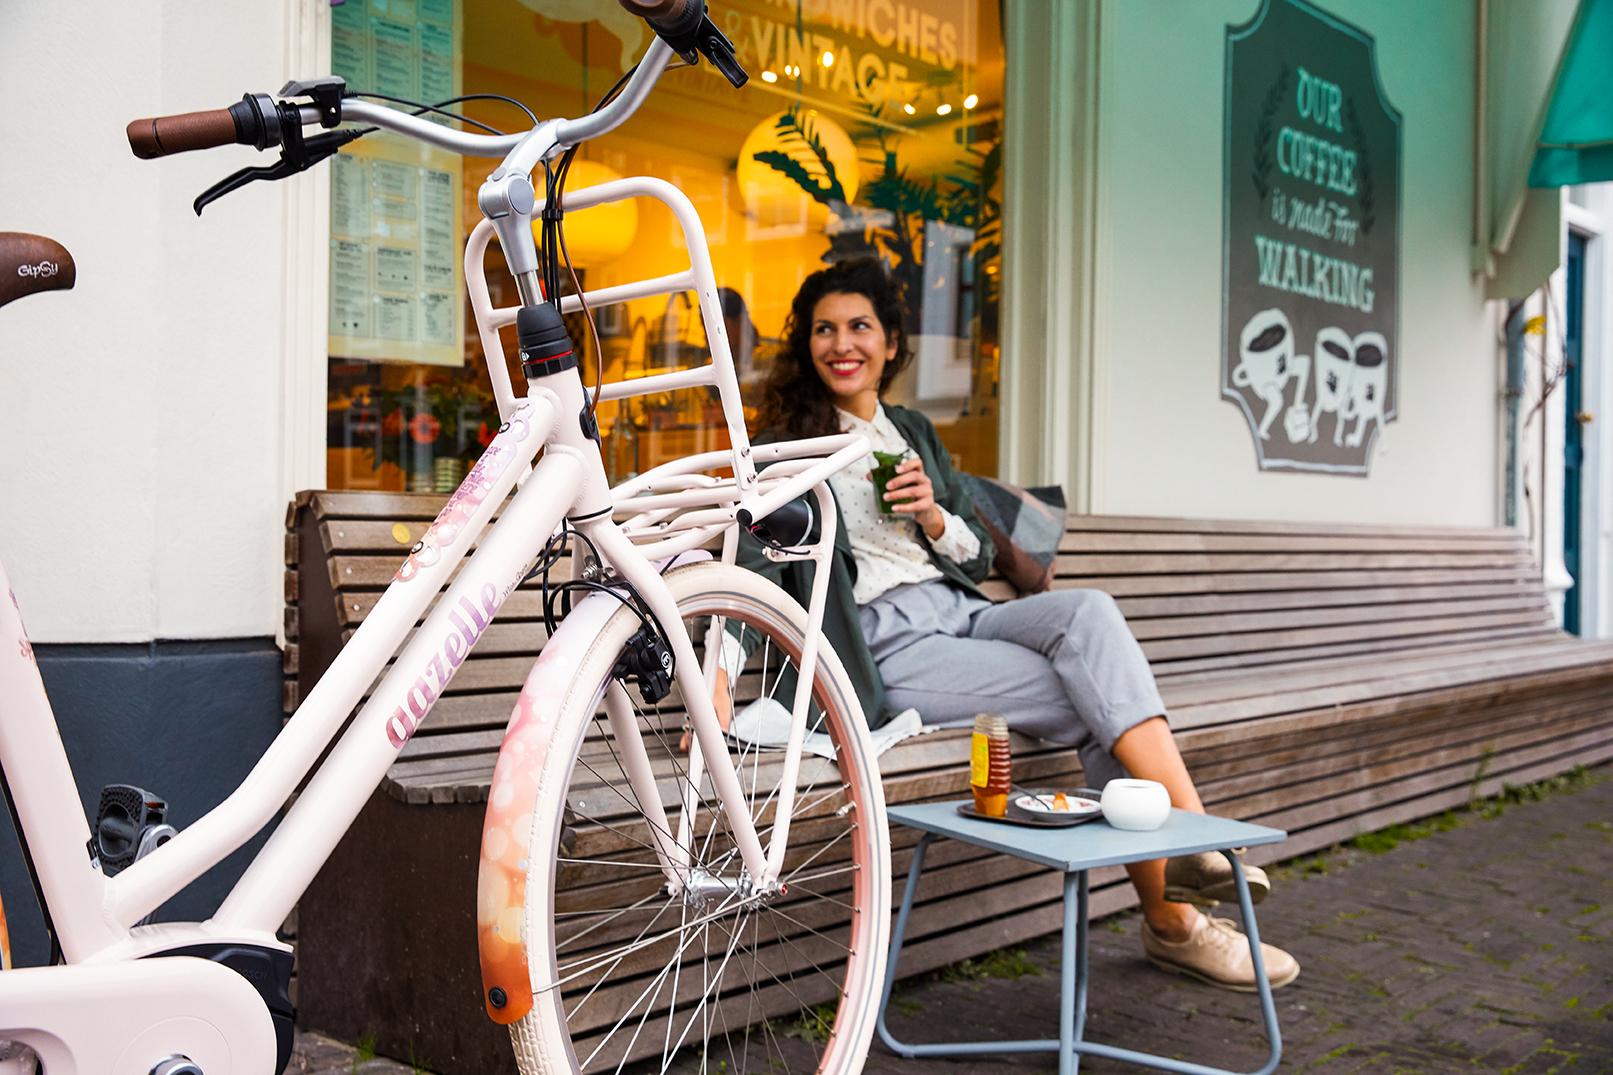 Transportcyklen til kvinder er både robust og elegant. Giv din Gazelle transportcykel en ekstra designdetalje med en farverig kurv eller kasse på forbagagebæreren.